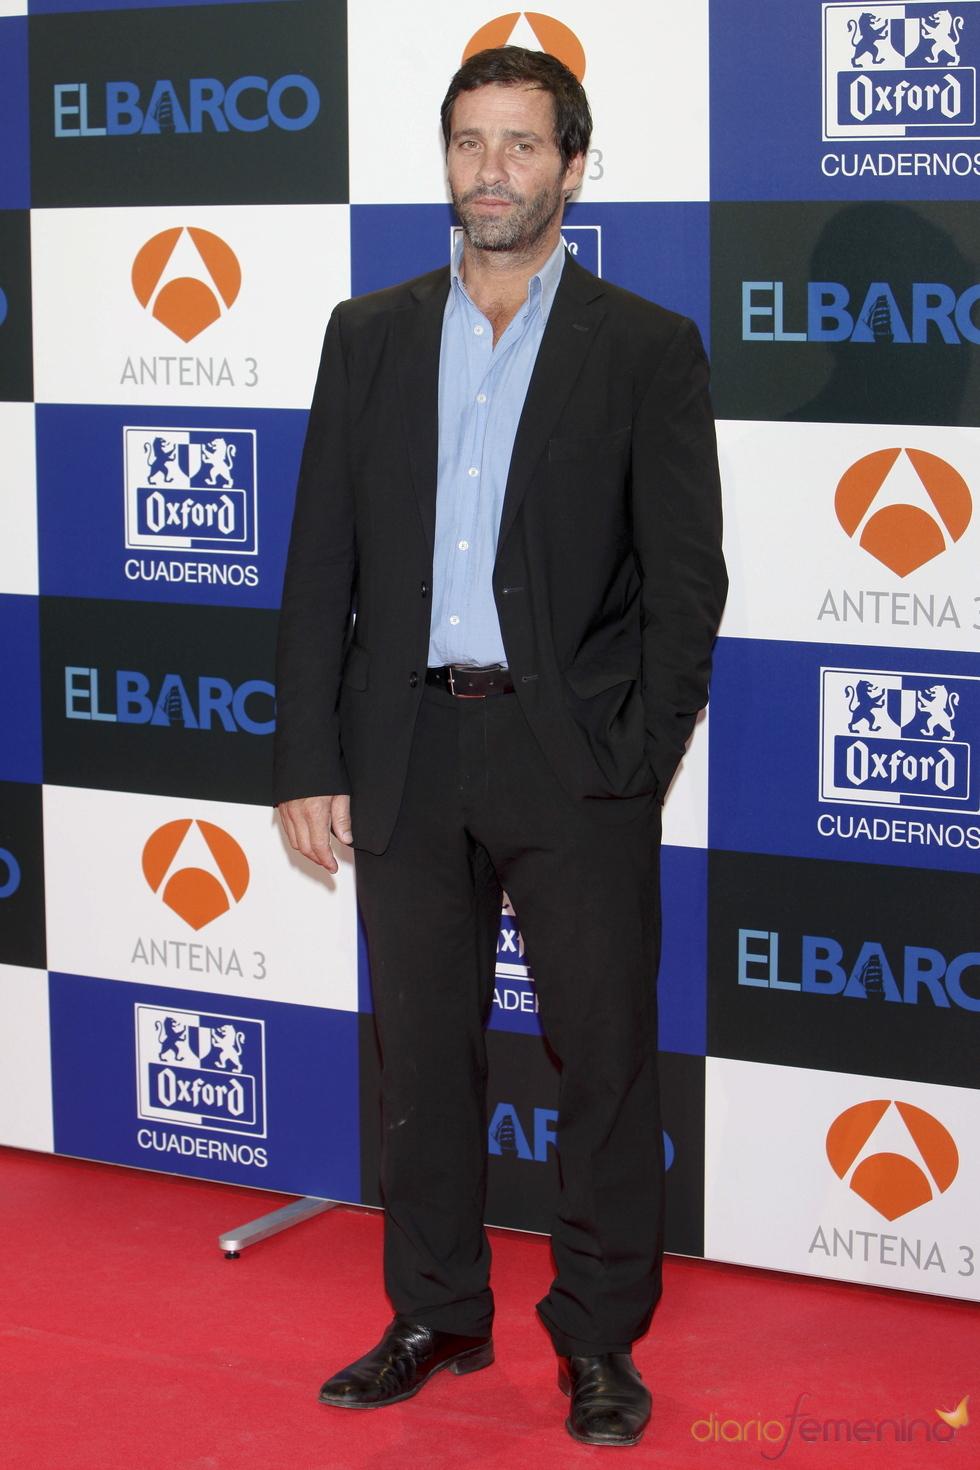 Juan Pablo Shuk en el estreno de la segunda temporada de 'El Barco' en Madrid